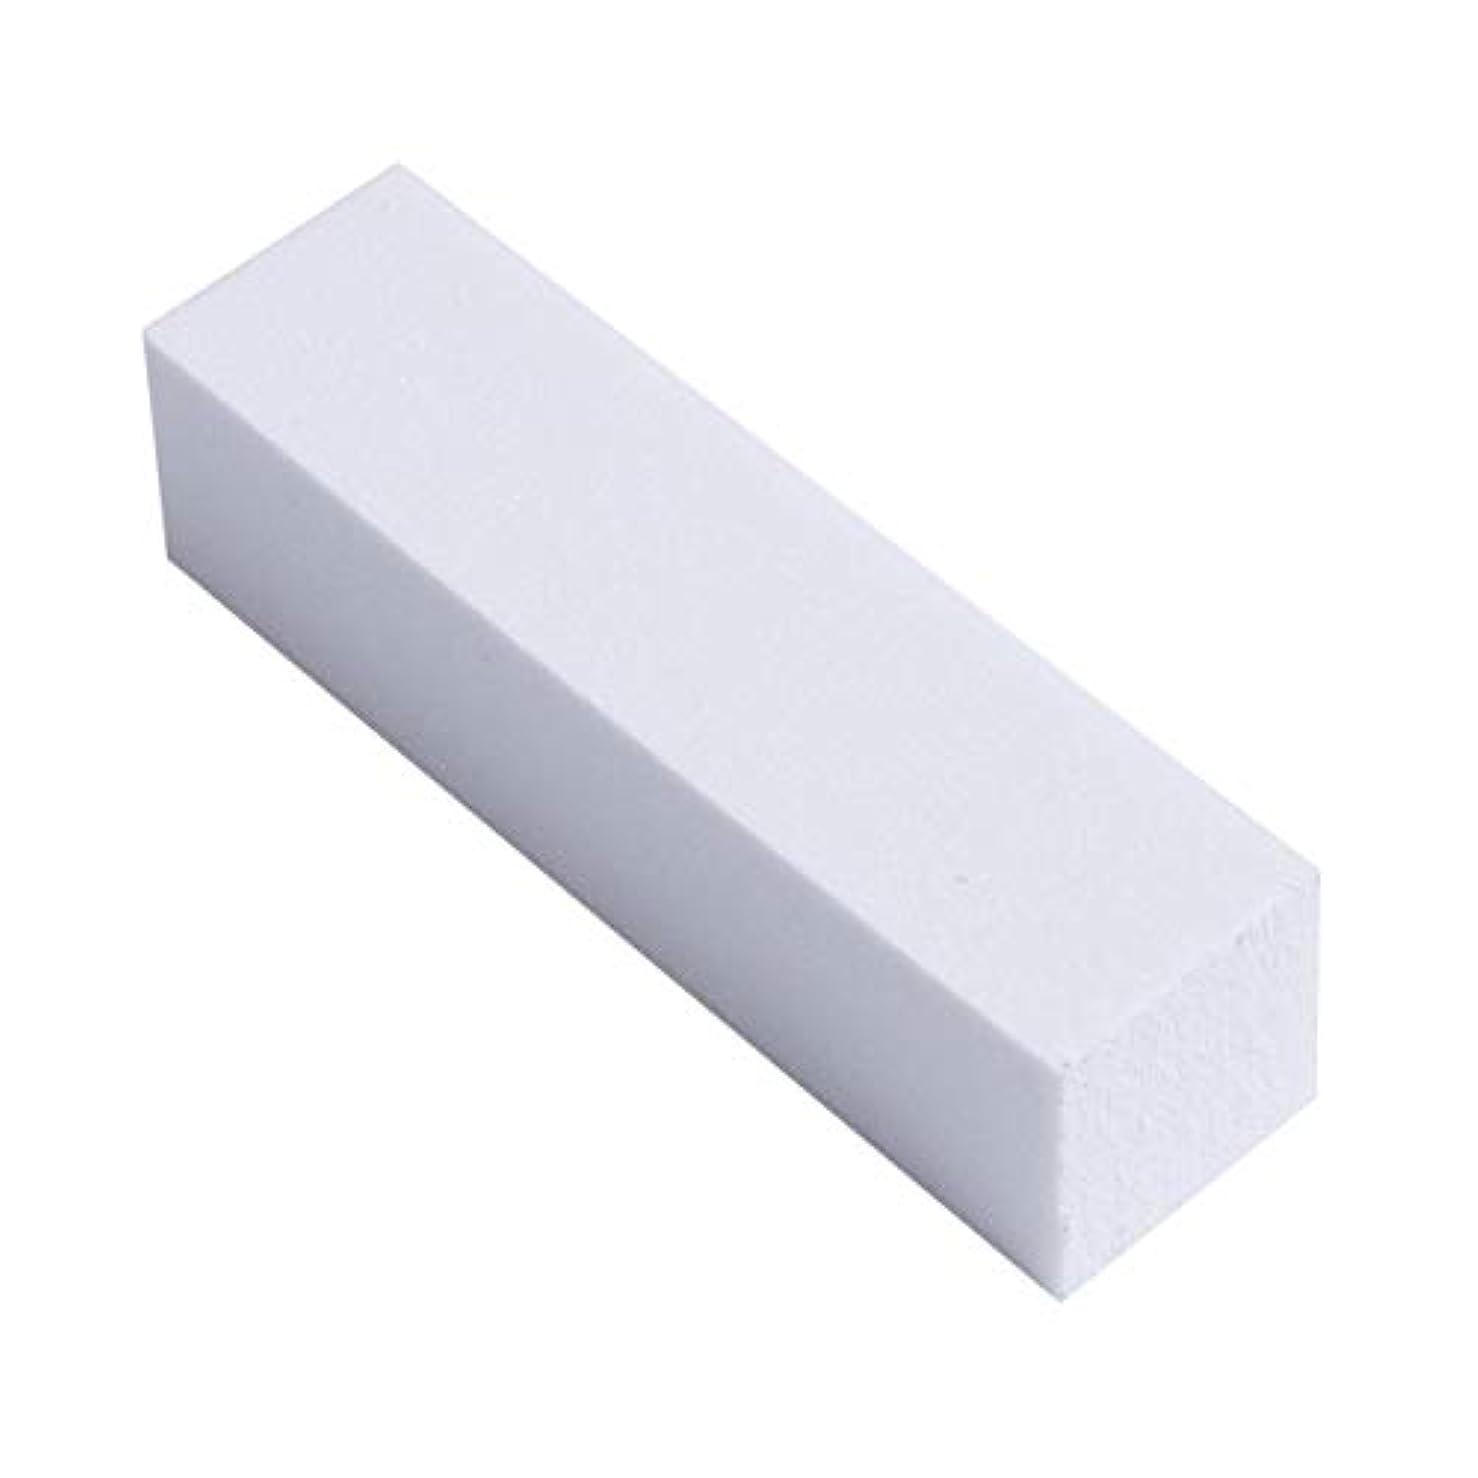 平和財布シュガー爪やすり 爪磨き ネイルケア ネイルファイル ネイルシャイナ スポンジ つめみがき バッファー 4面タイプ 光沢出し 10本セット